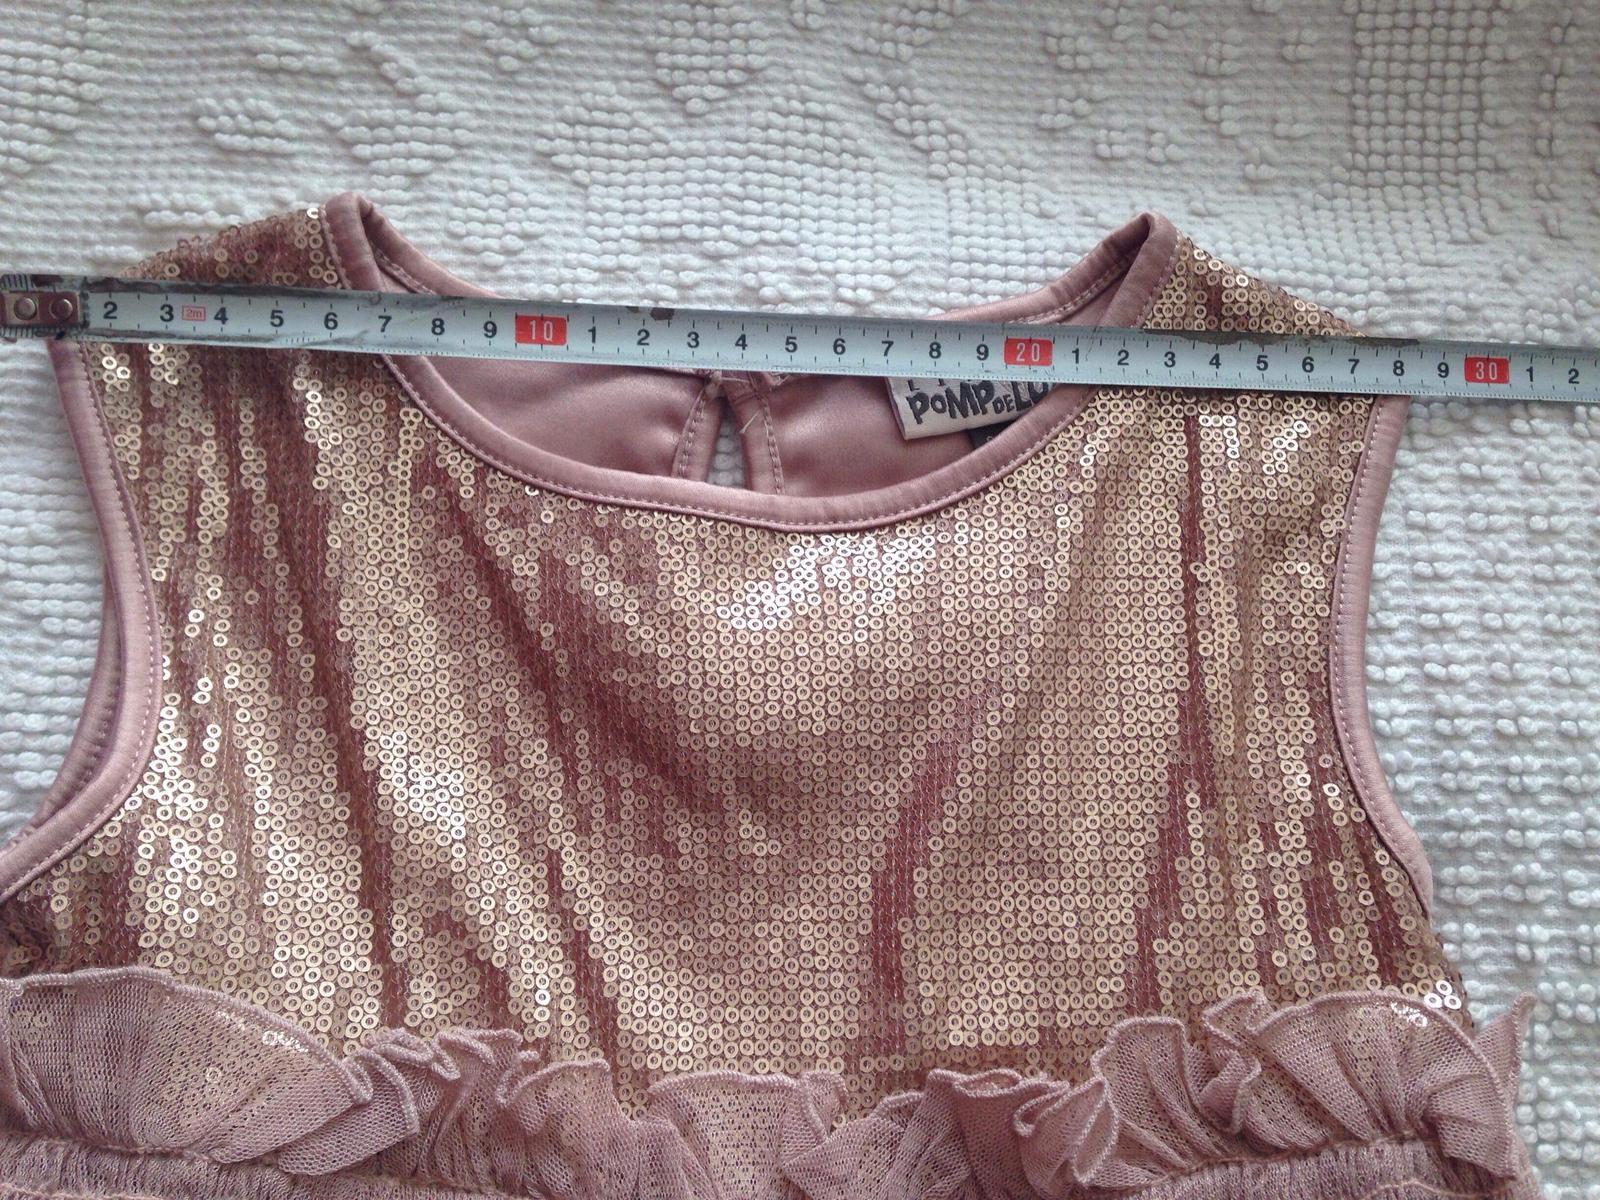 Šaty PompDeLux Charleston - Obrázok č. 2